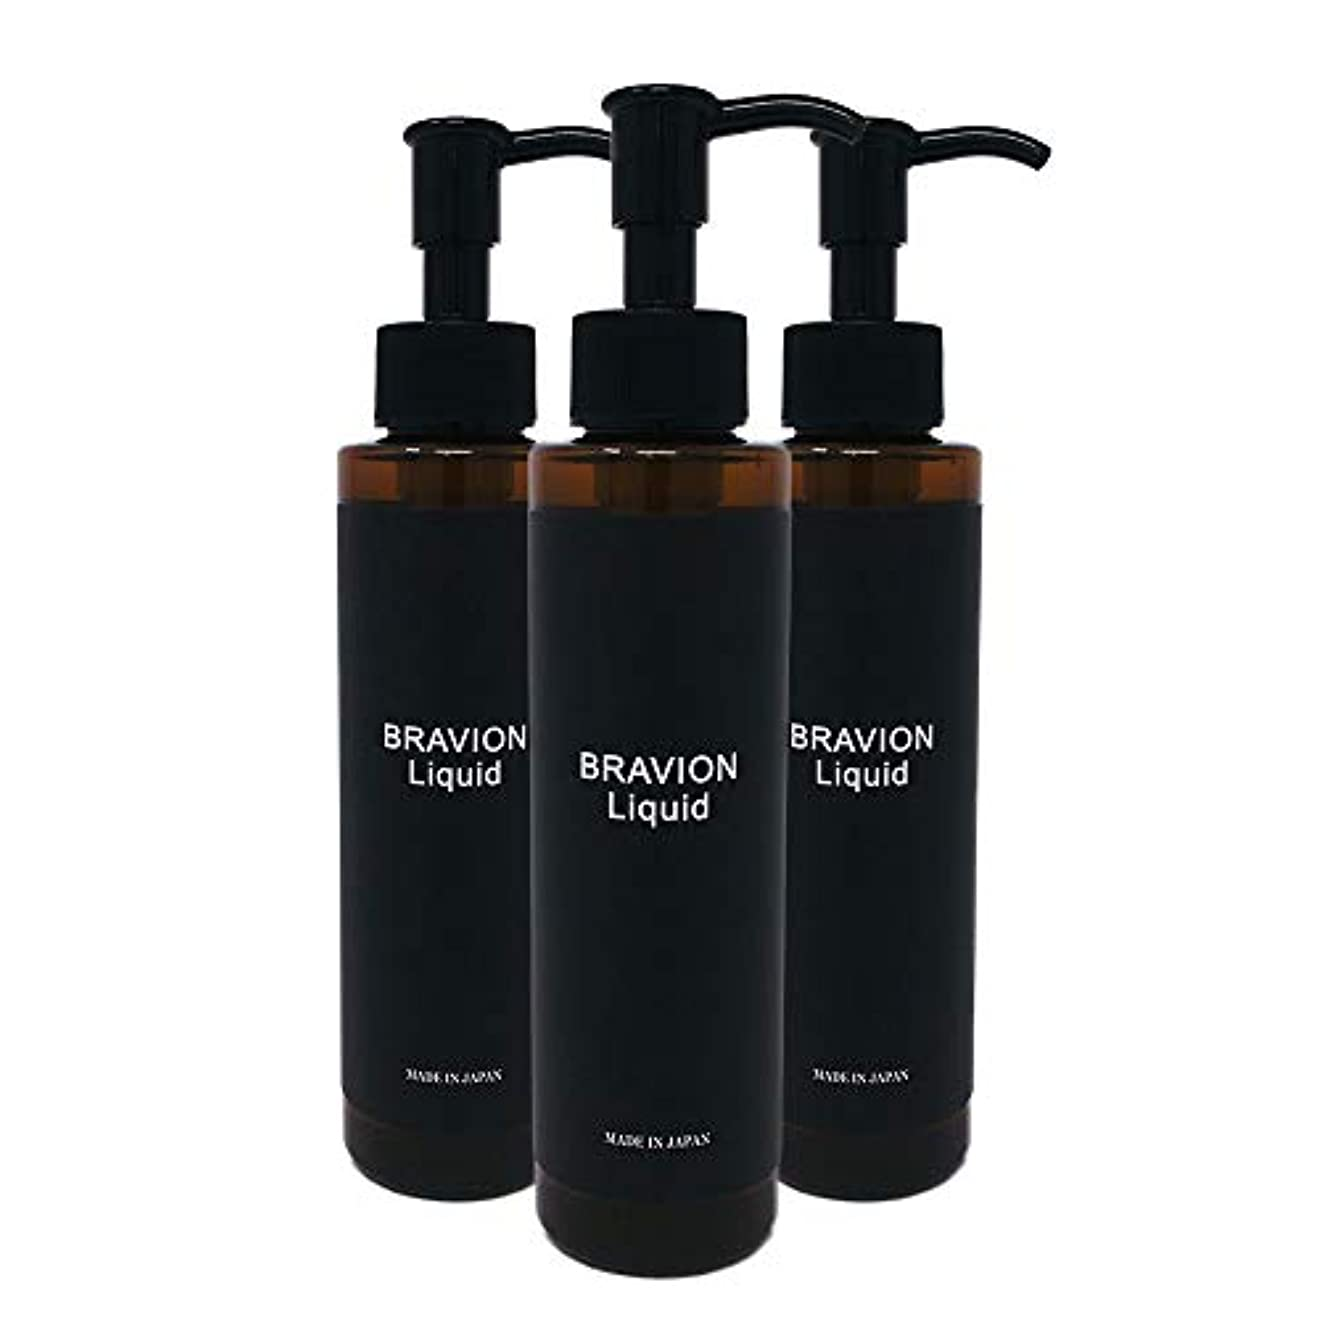 マーガレットミッチェル新鮮な冬BRAVION Liquid (ブラビオンリキッド) 公式通販_150mg 3本セット